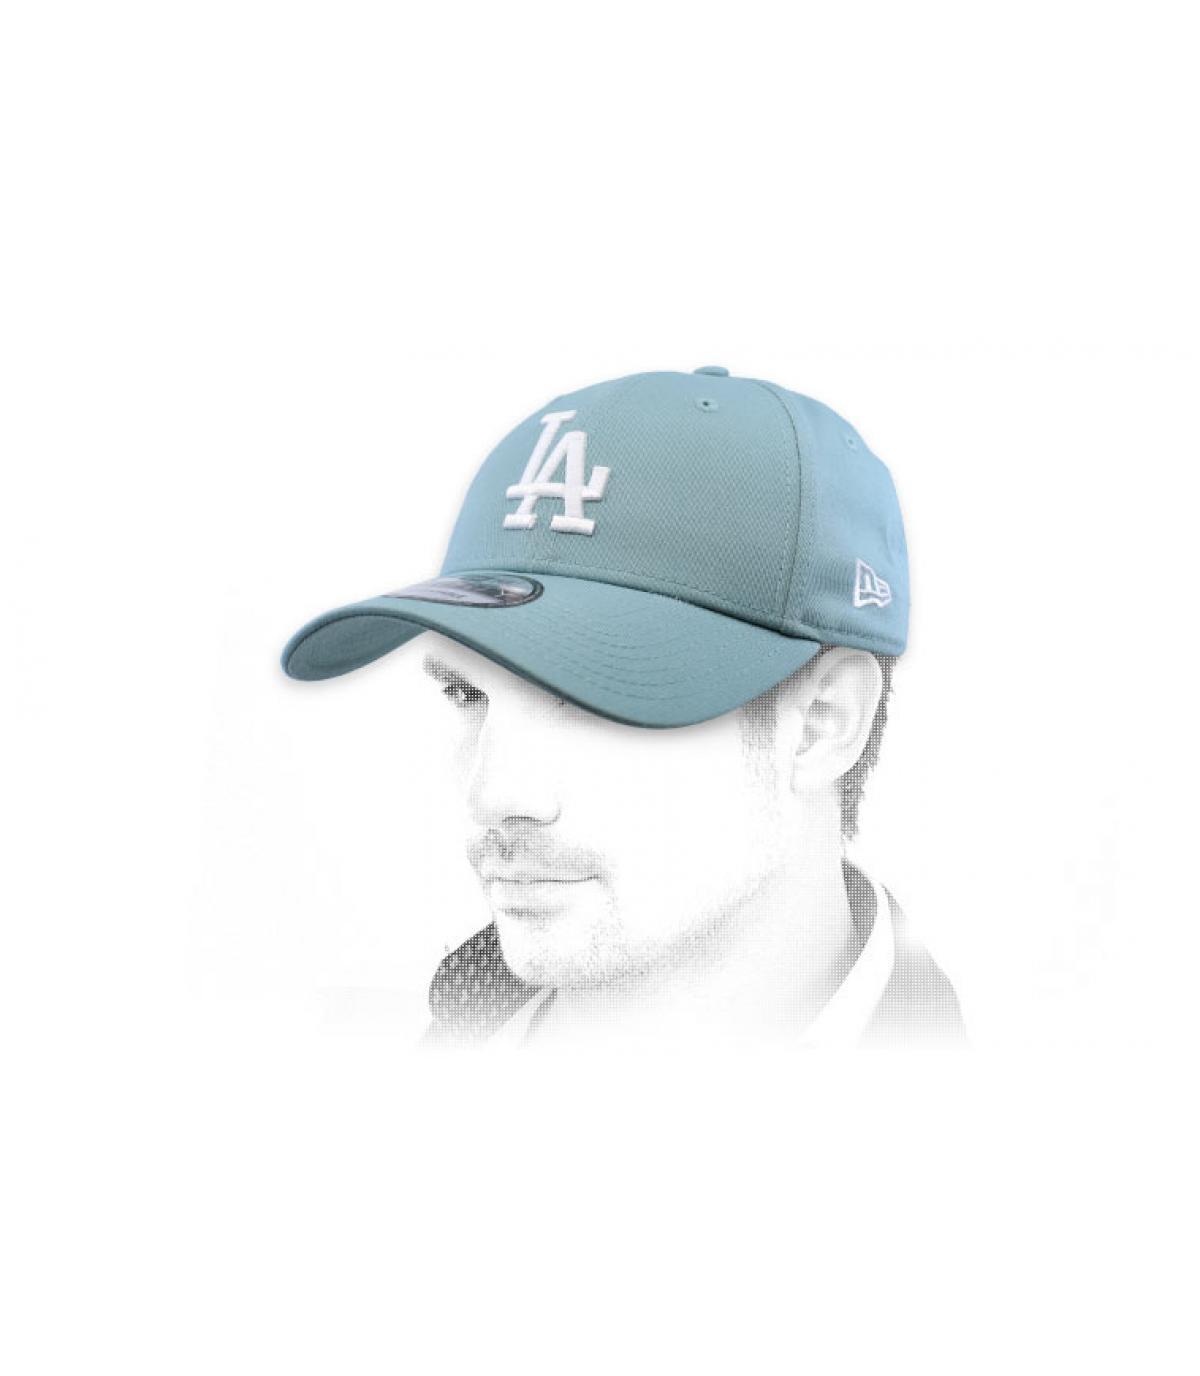 gorra LA azul